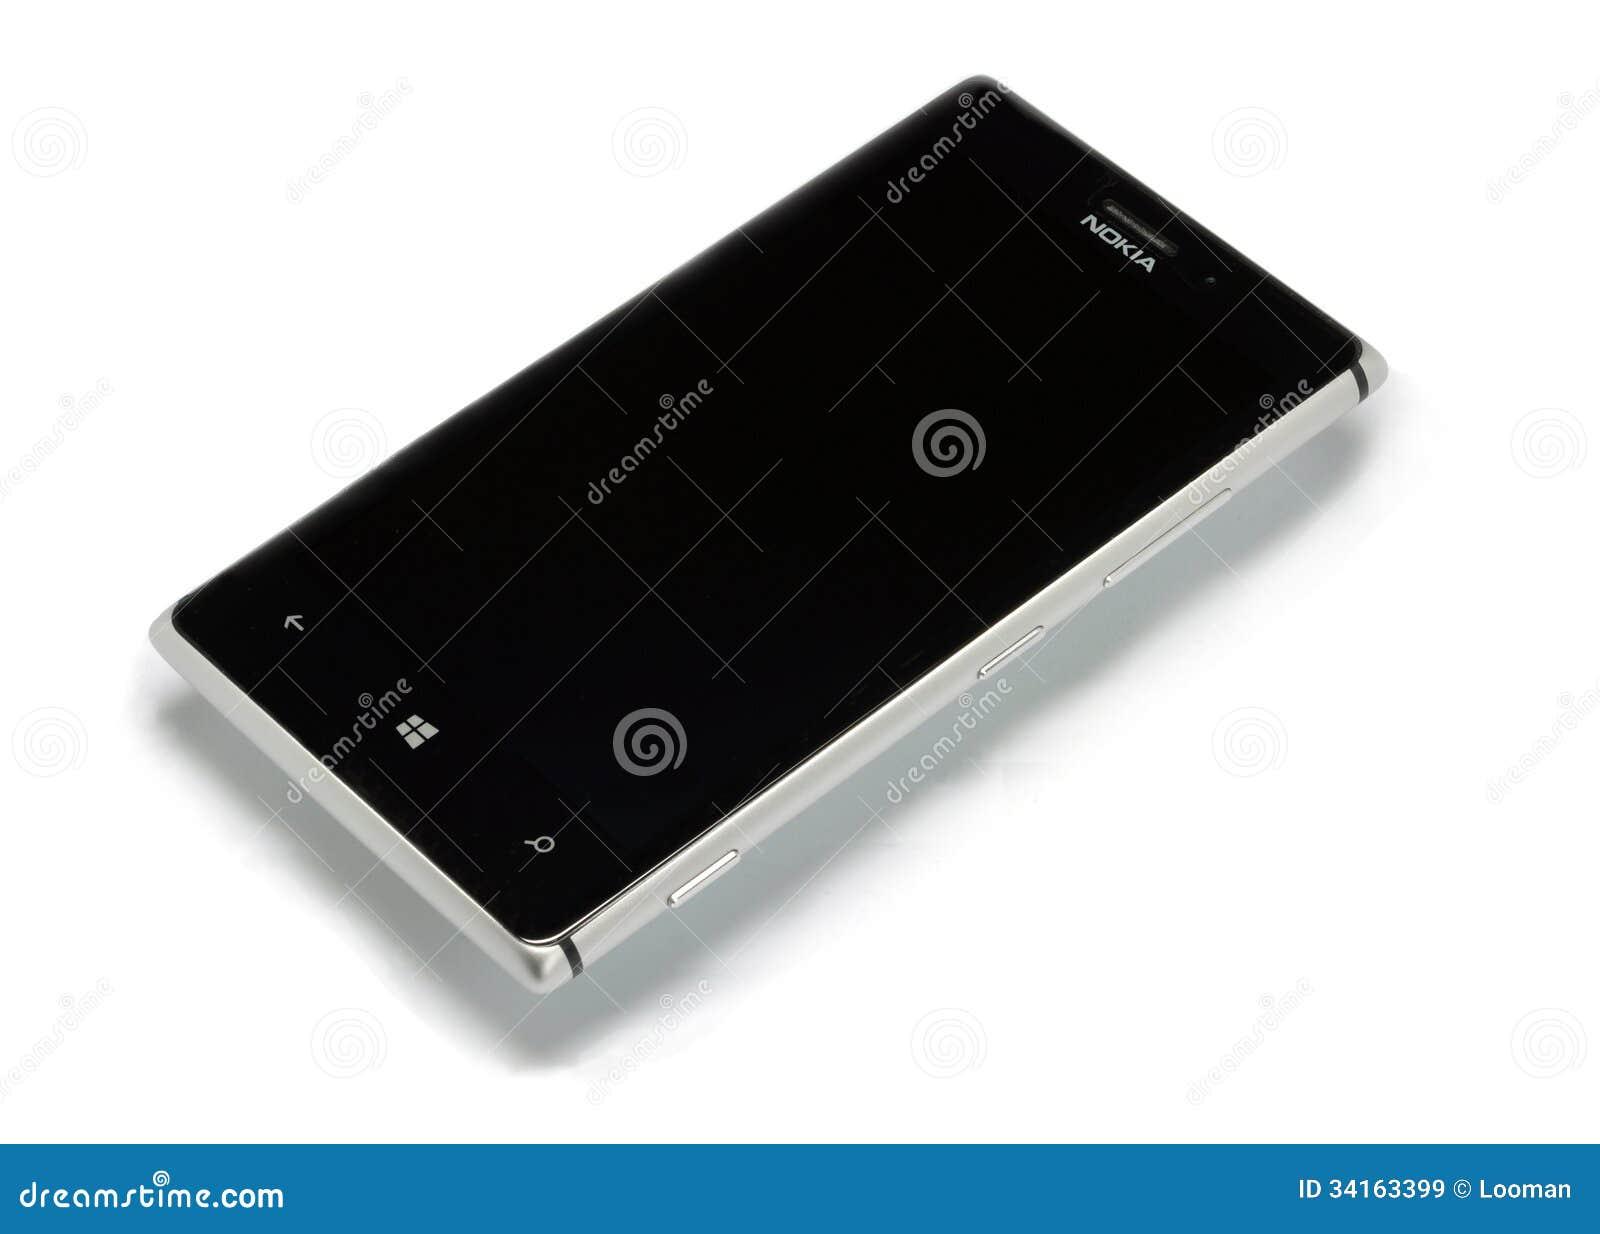 Nokia lumia 925 jpg - Jpg 1300x1019 Nokia Lumia 925 Background